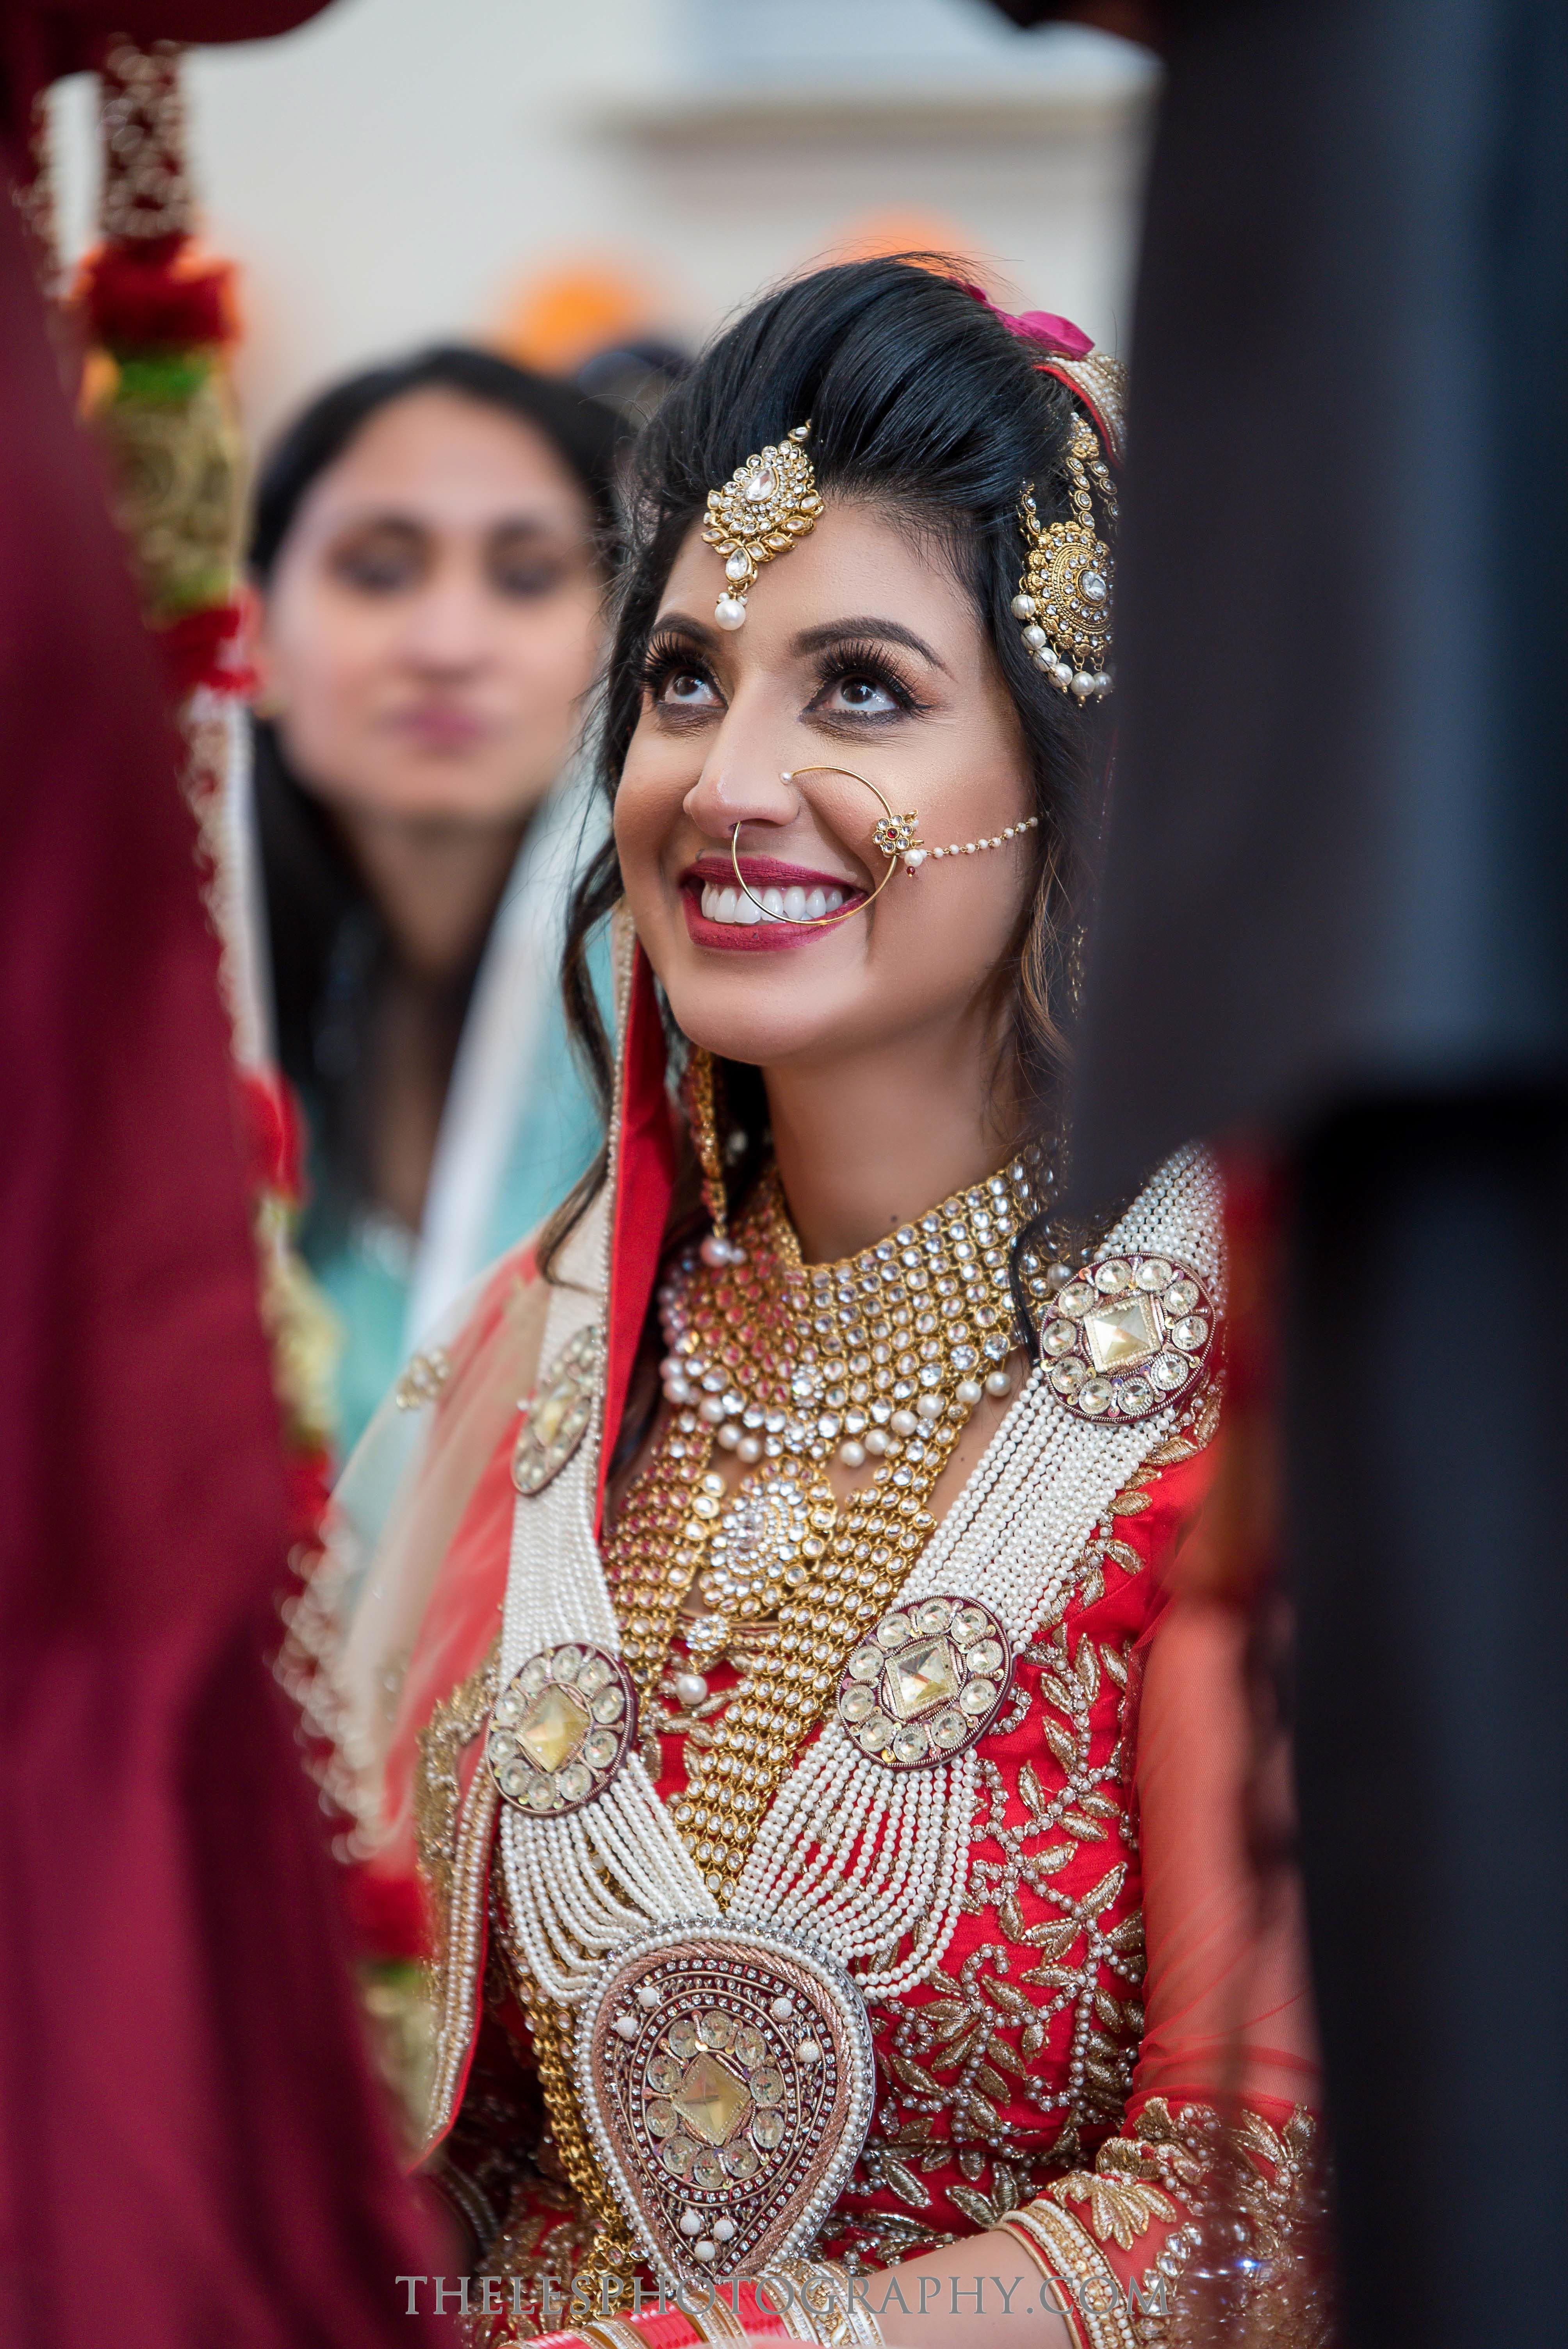 The Les Photography - Punjabi Wedding - Sikh Indian Wedding - Dallas Wedding Photographer 38